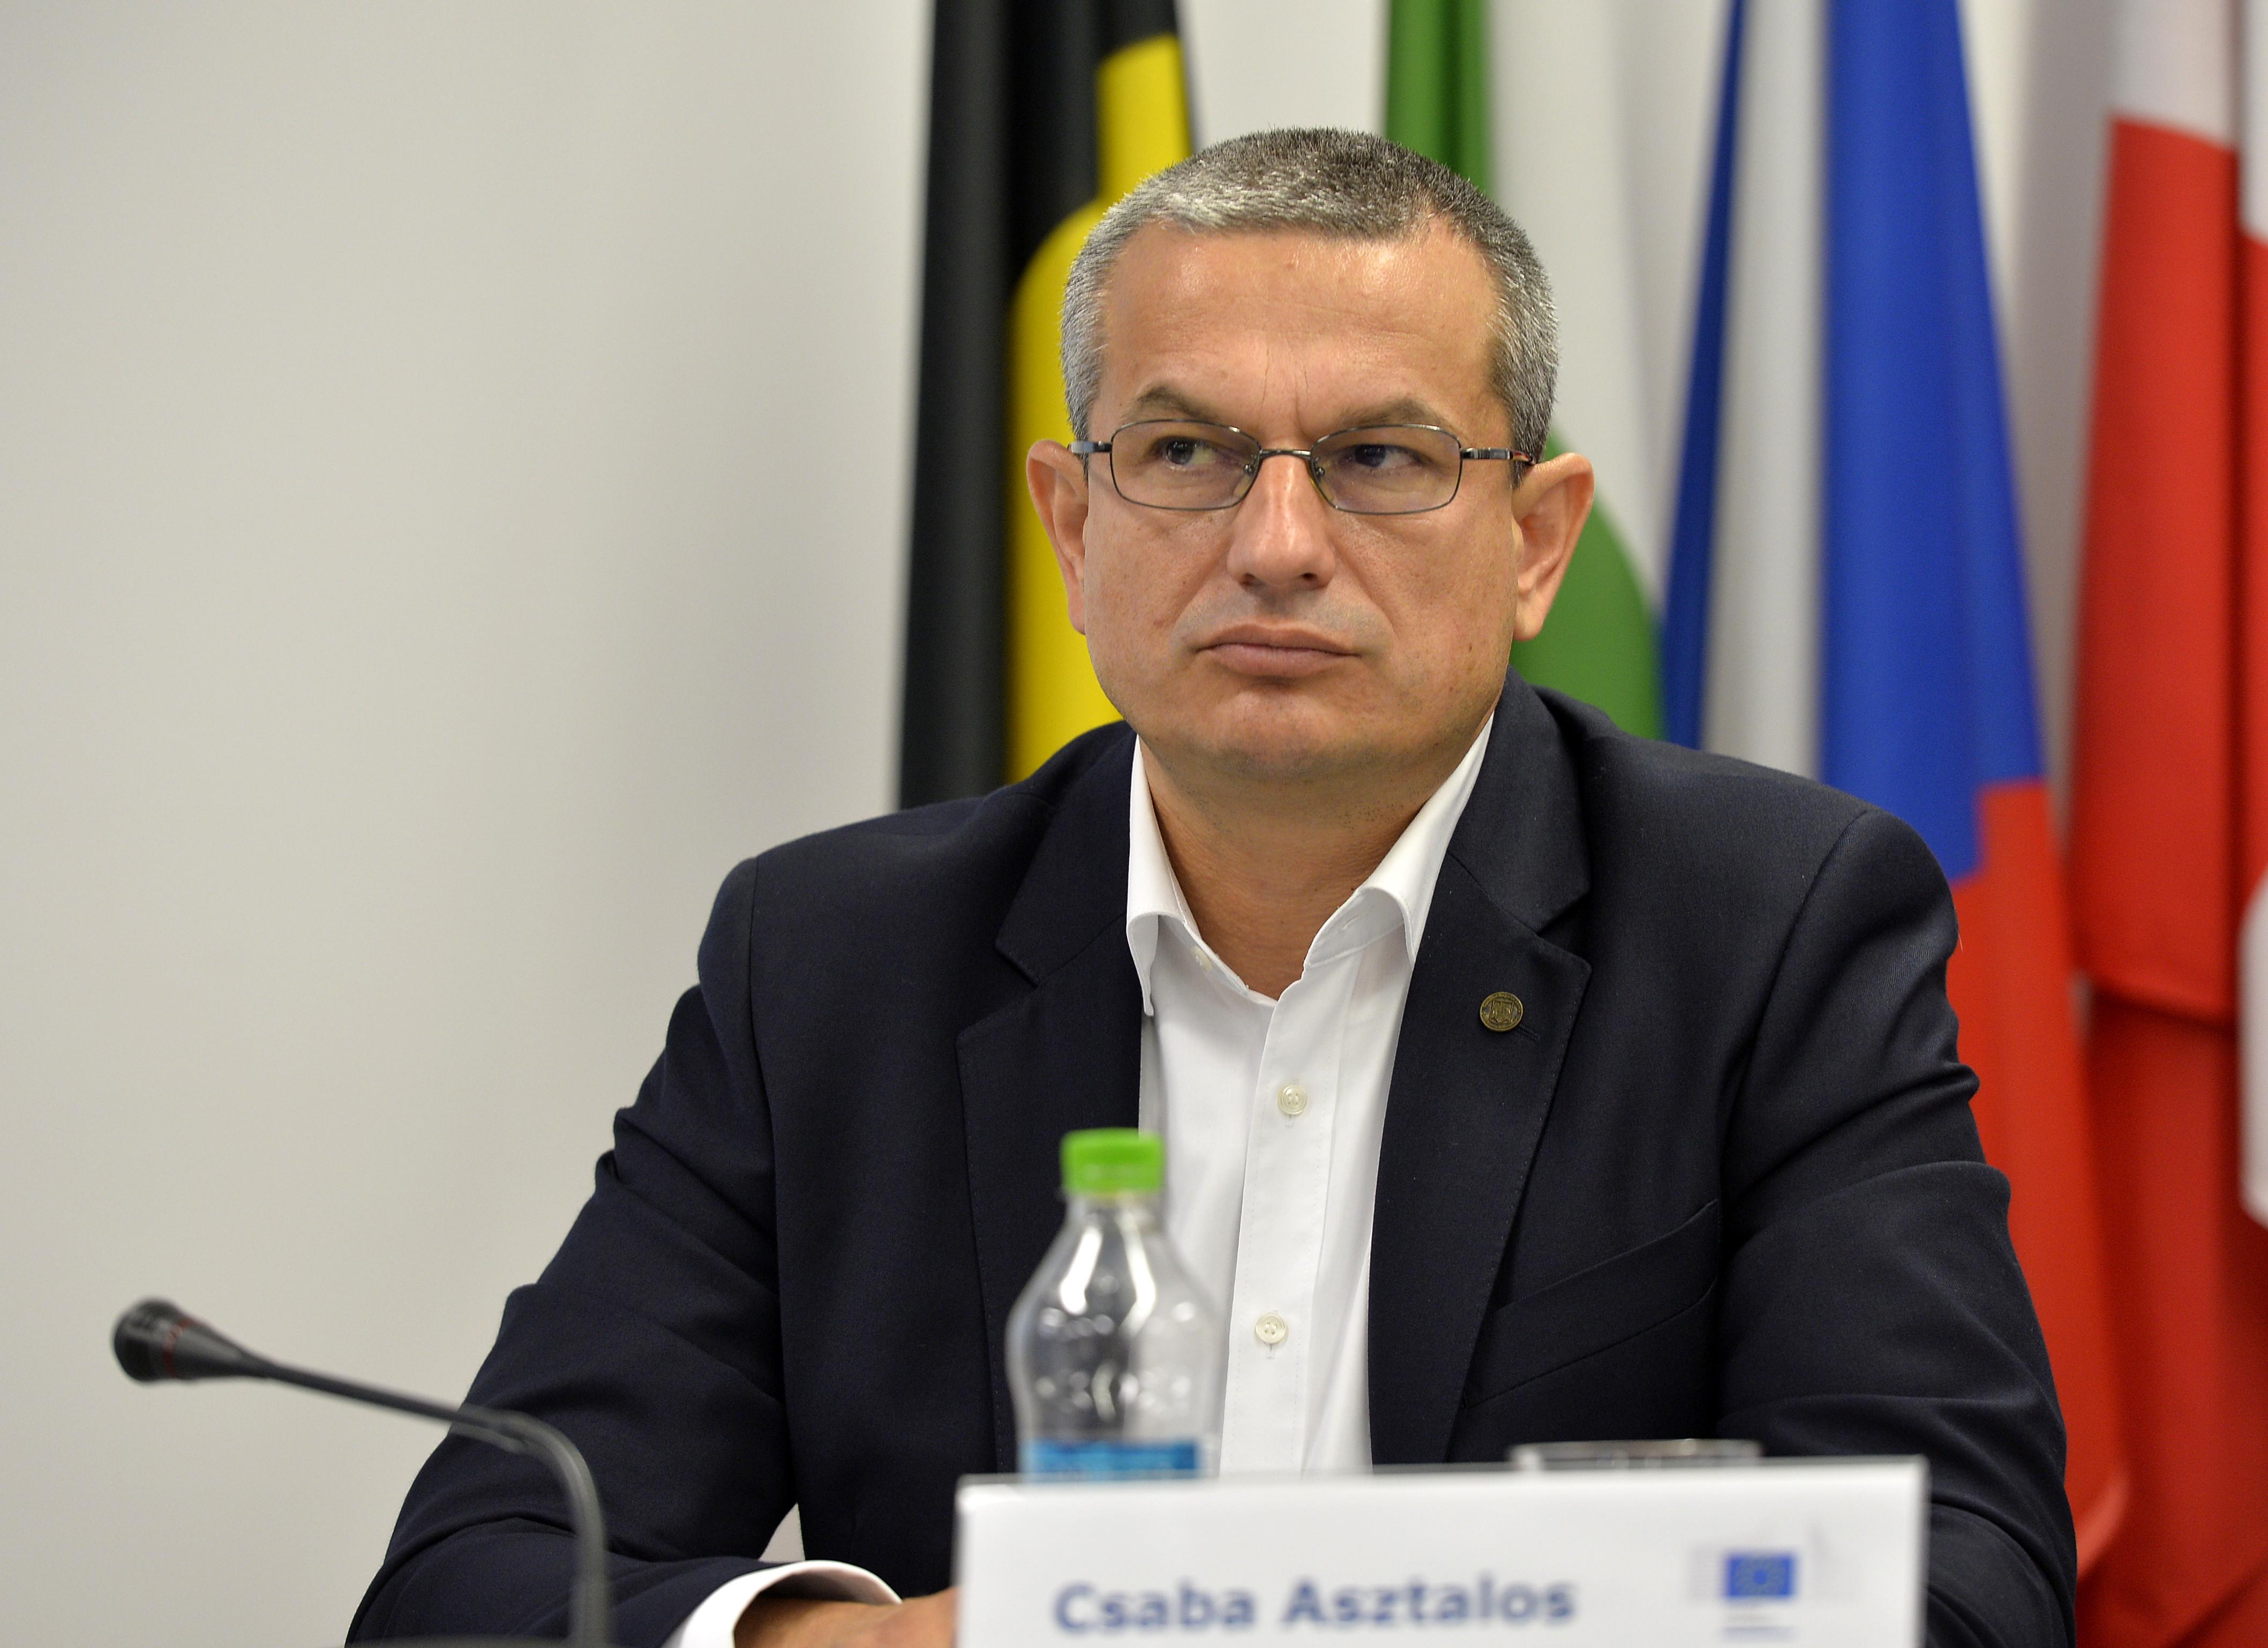 Facilitățile pentru vaccinați pot intra în sfera discriminărilor, consideră președintele CNCD